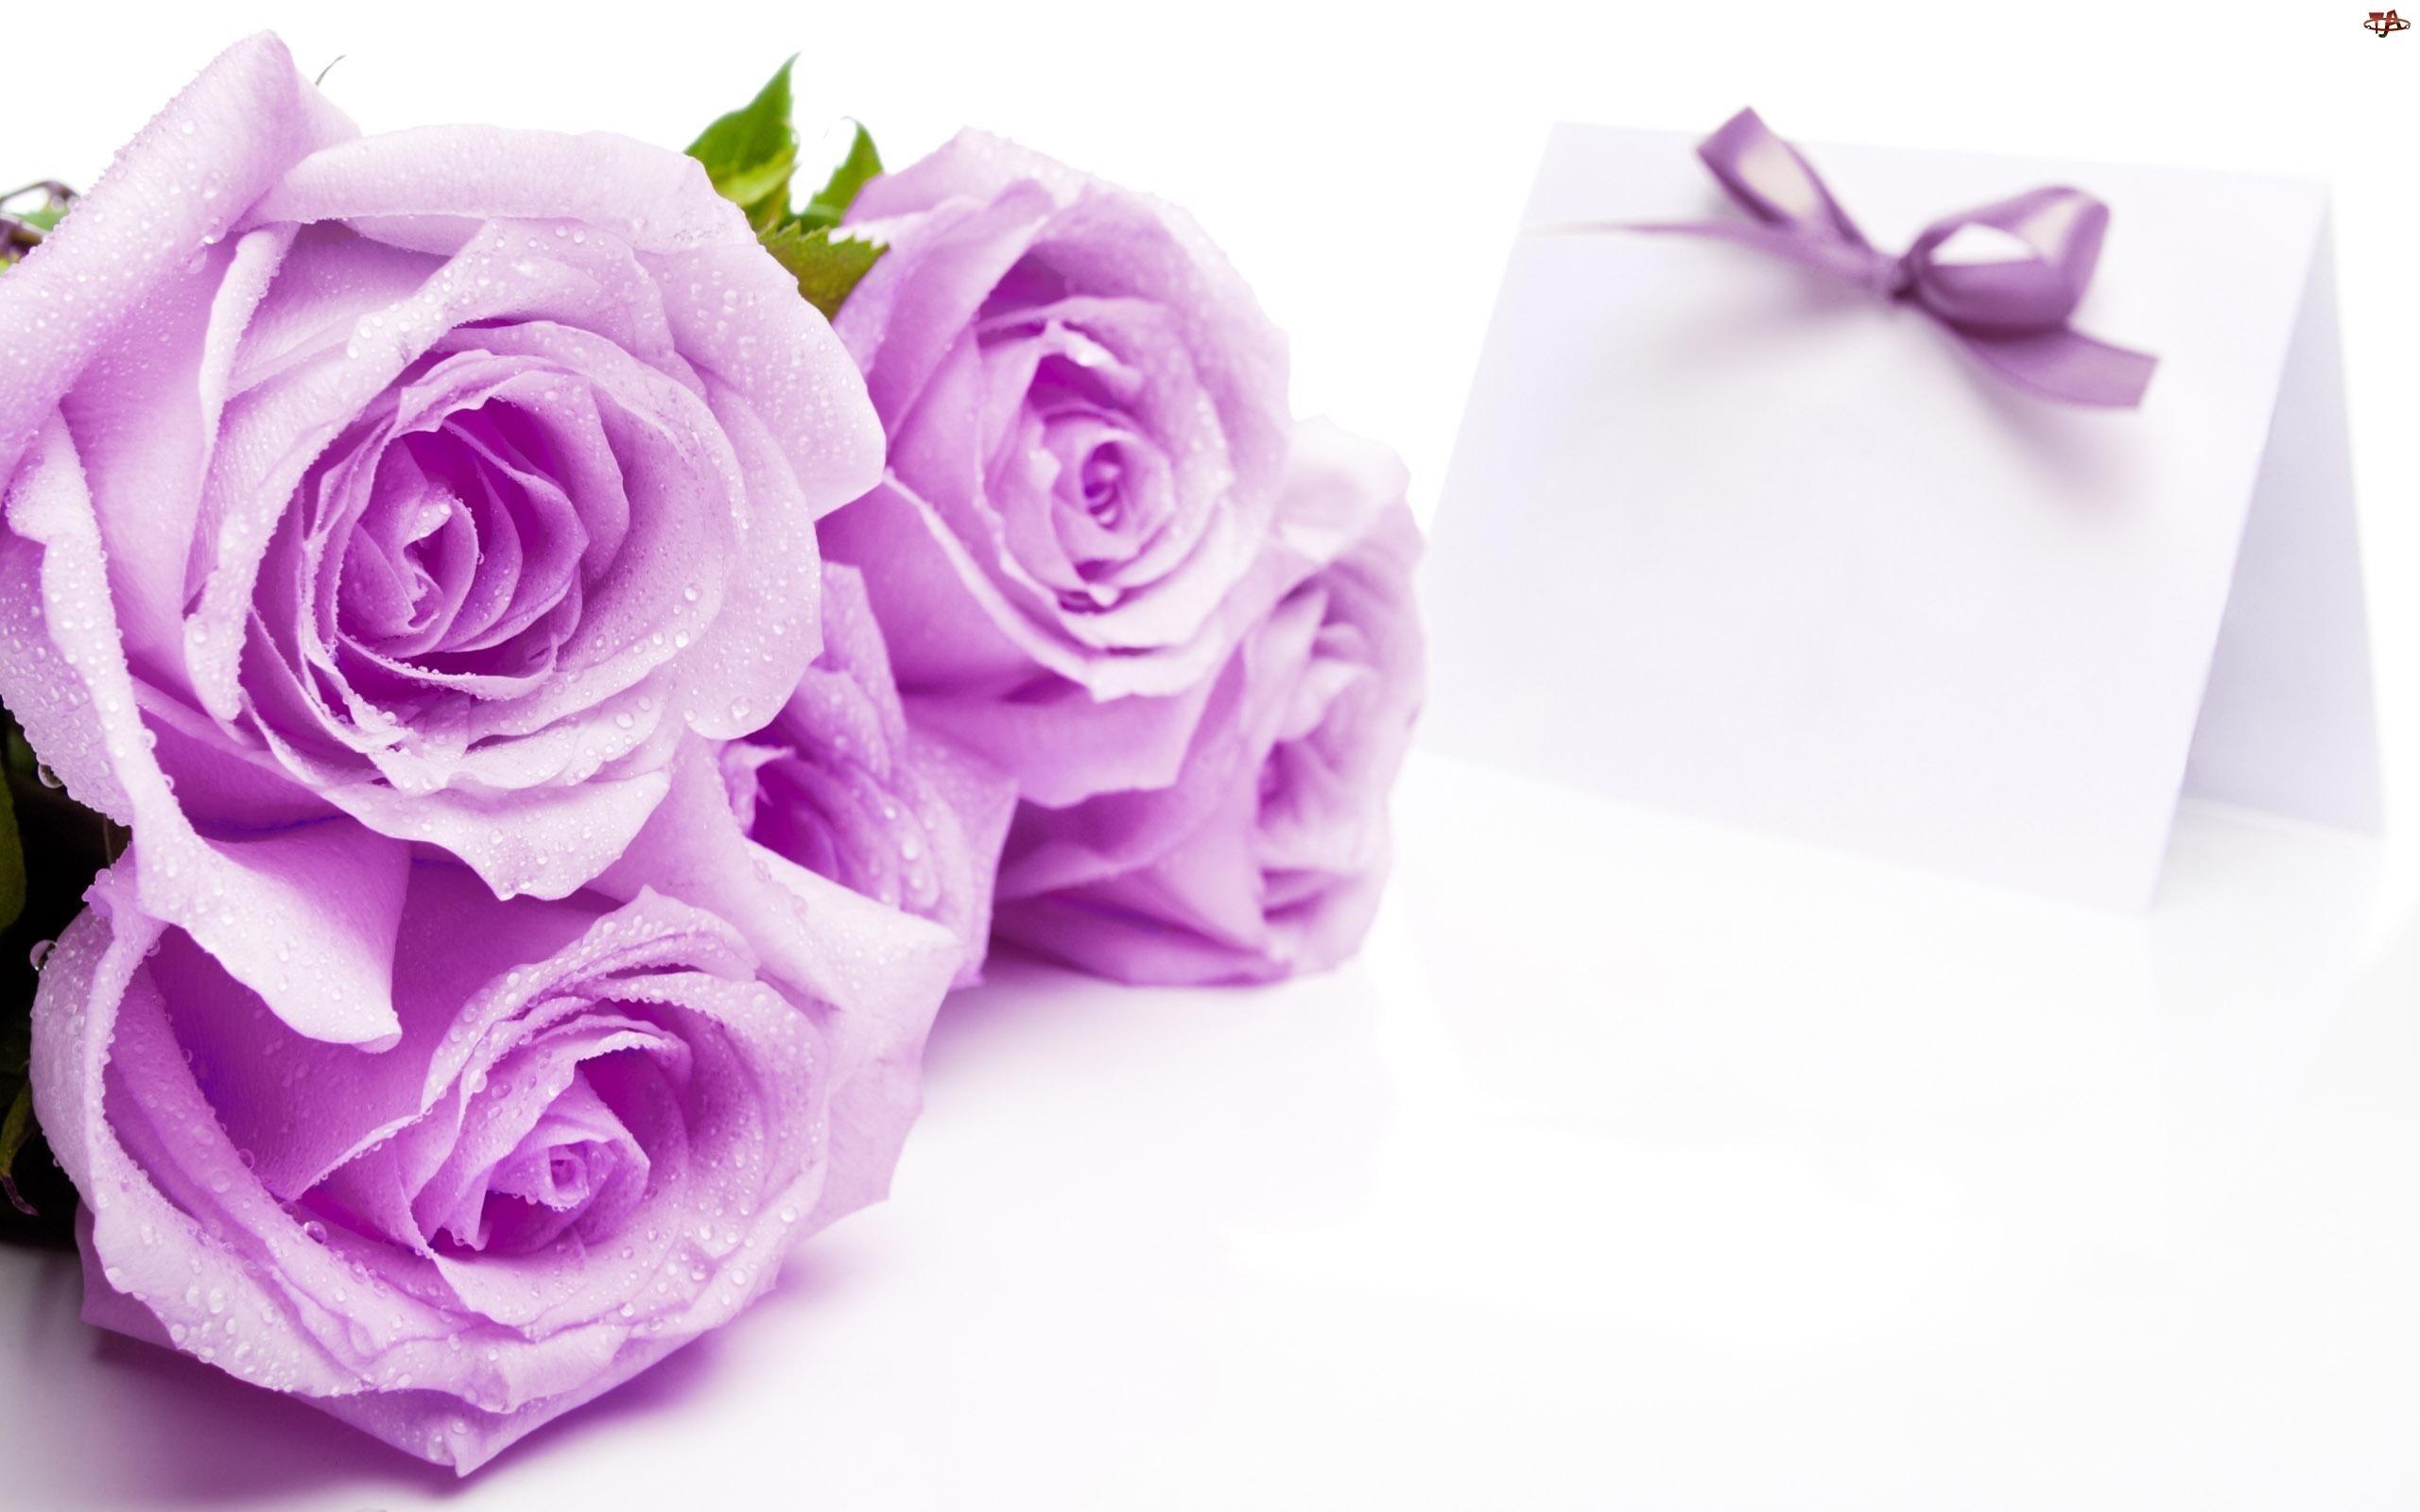 Fioletowe, Walentynki, Róże, Liścik